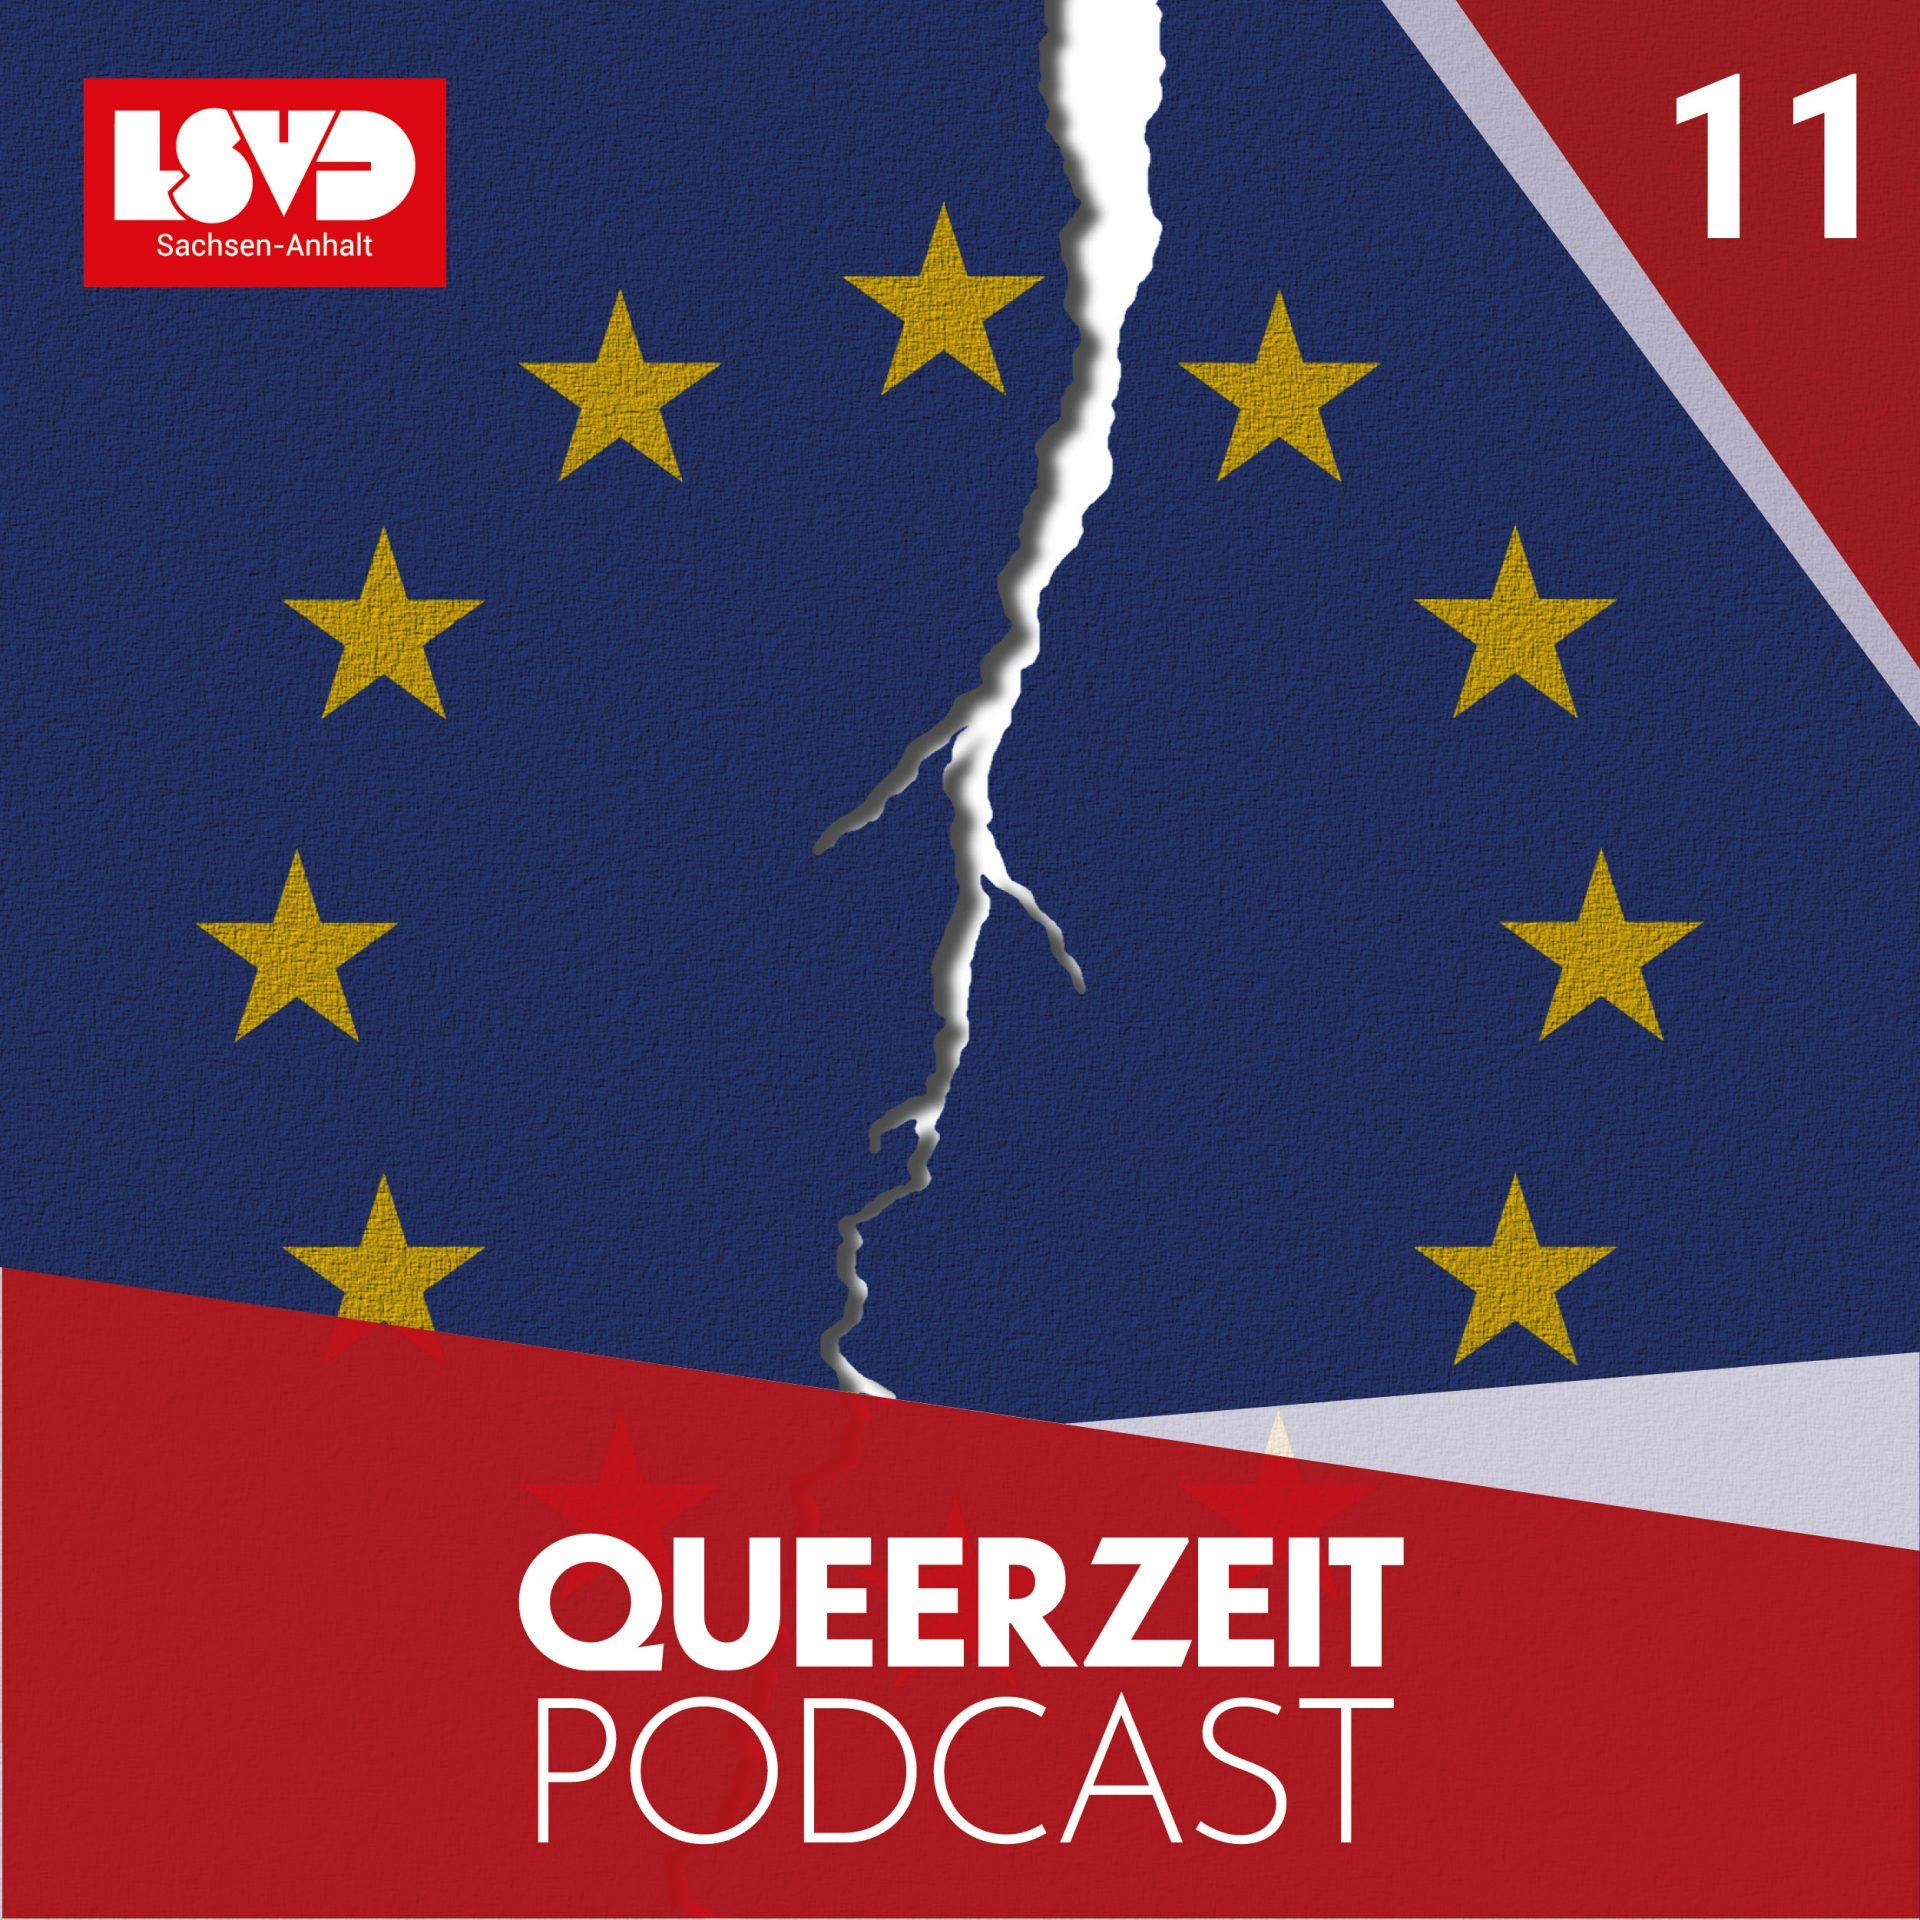 QUEERZEIT #11 – Rechtspopulismus